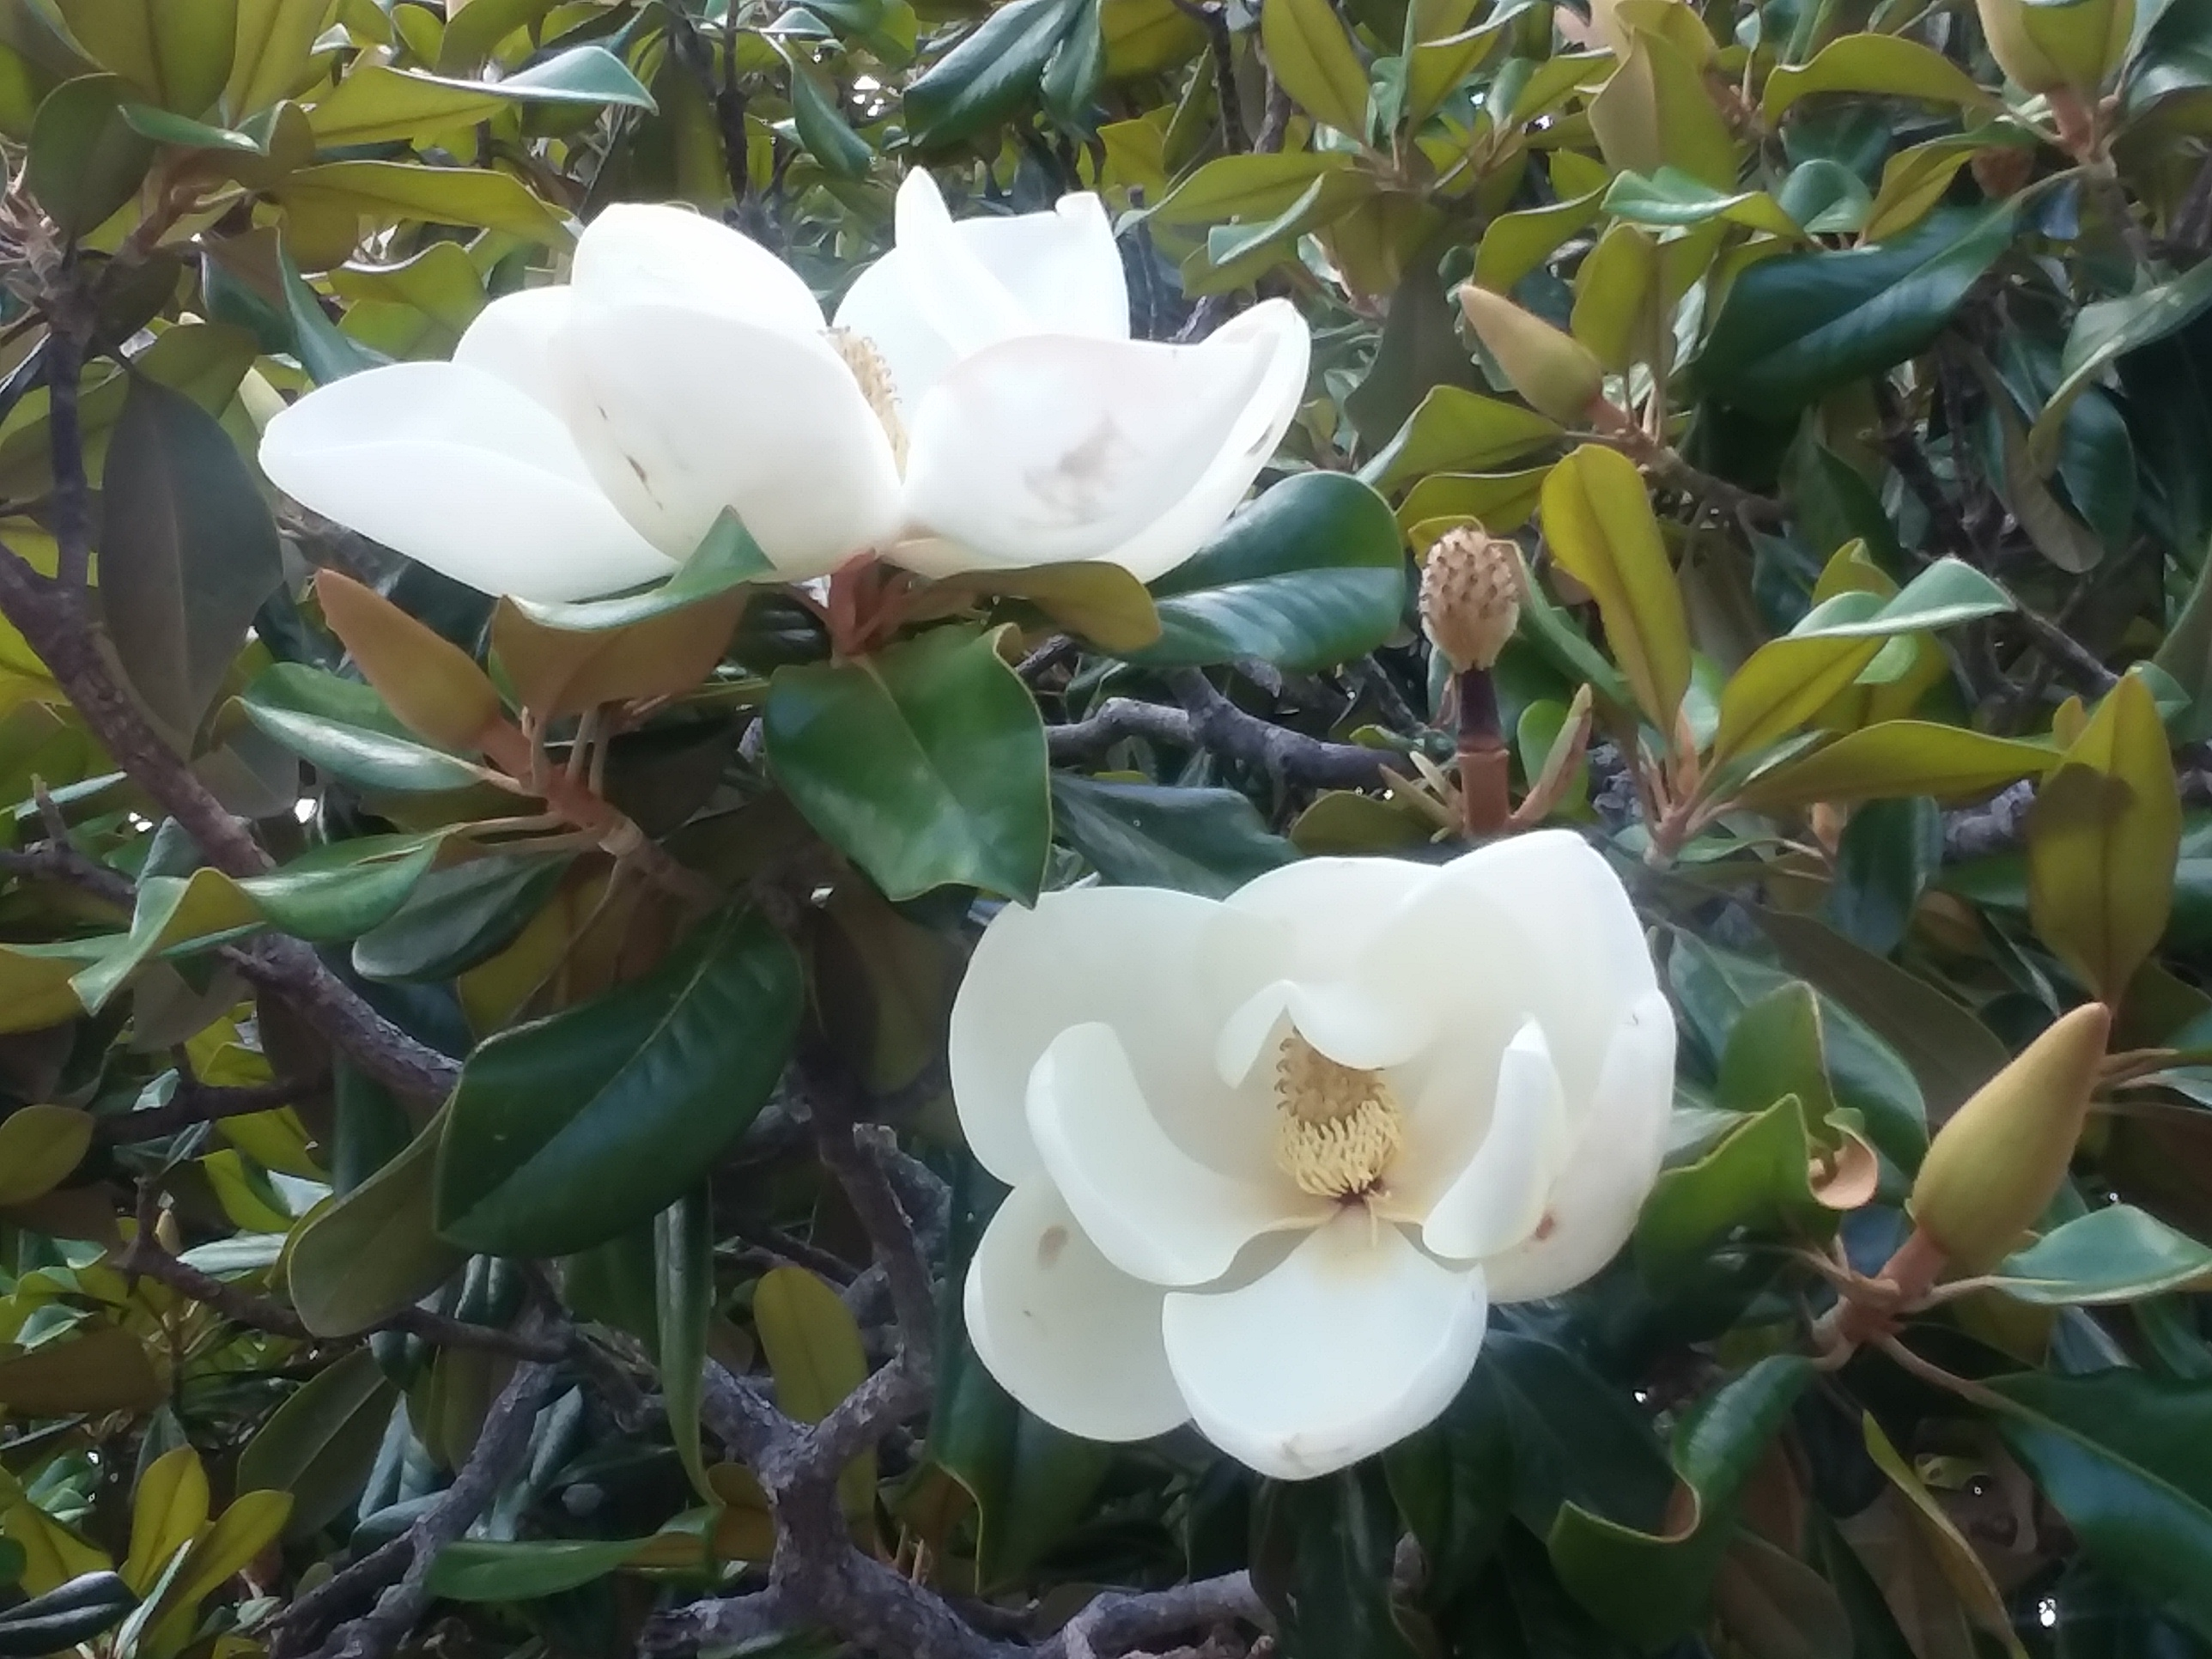 Two magnolias